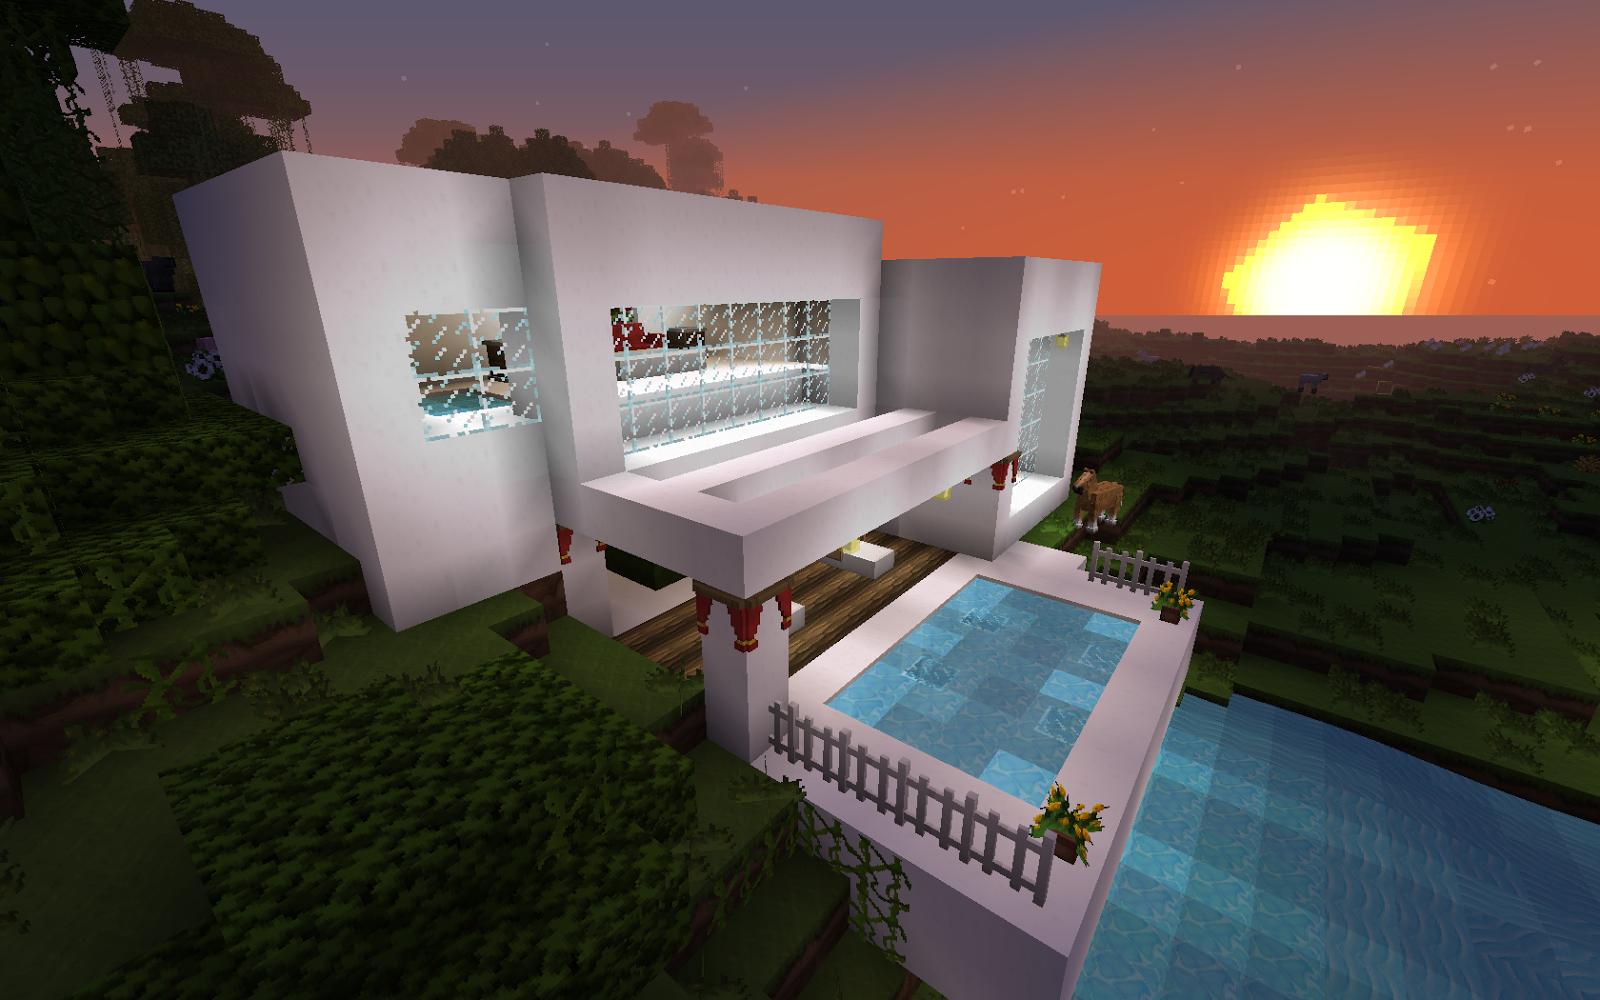 Mejores Casa De Minecraft Zion Star